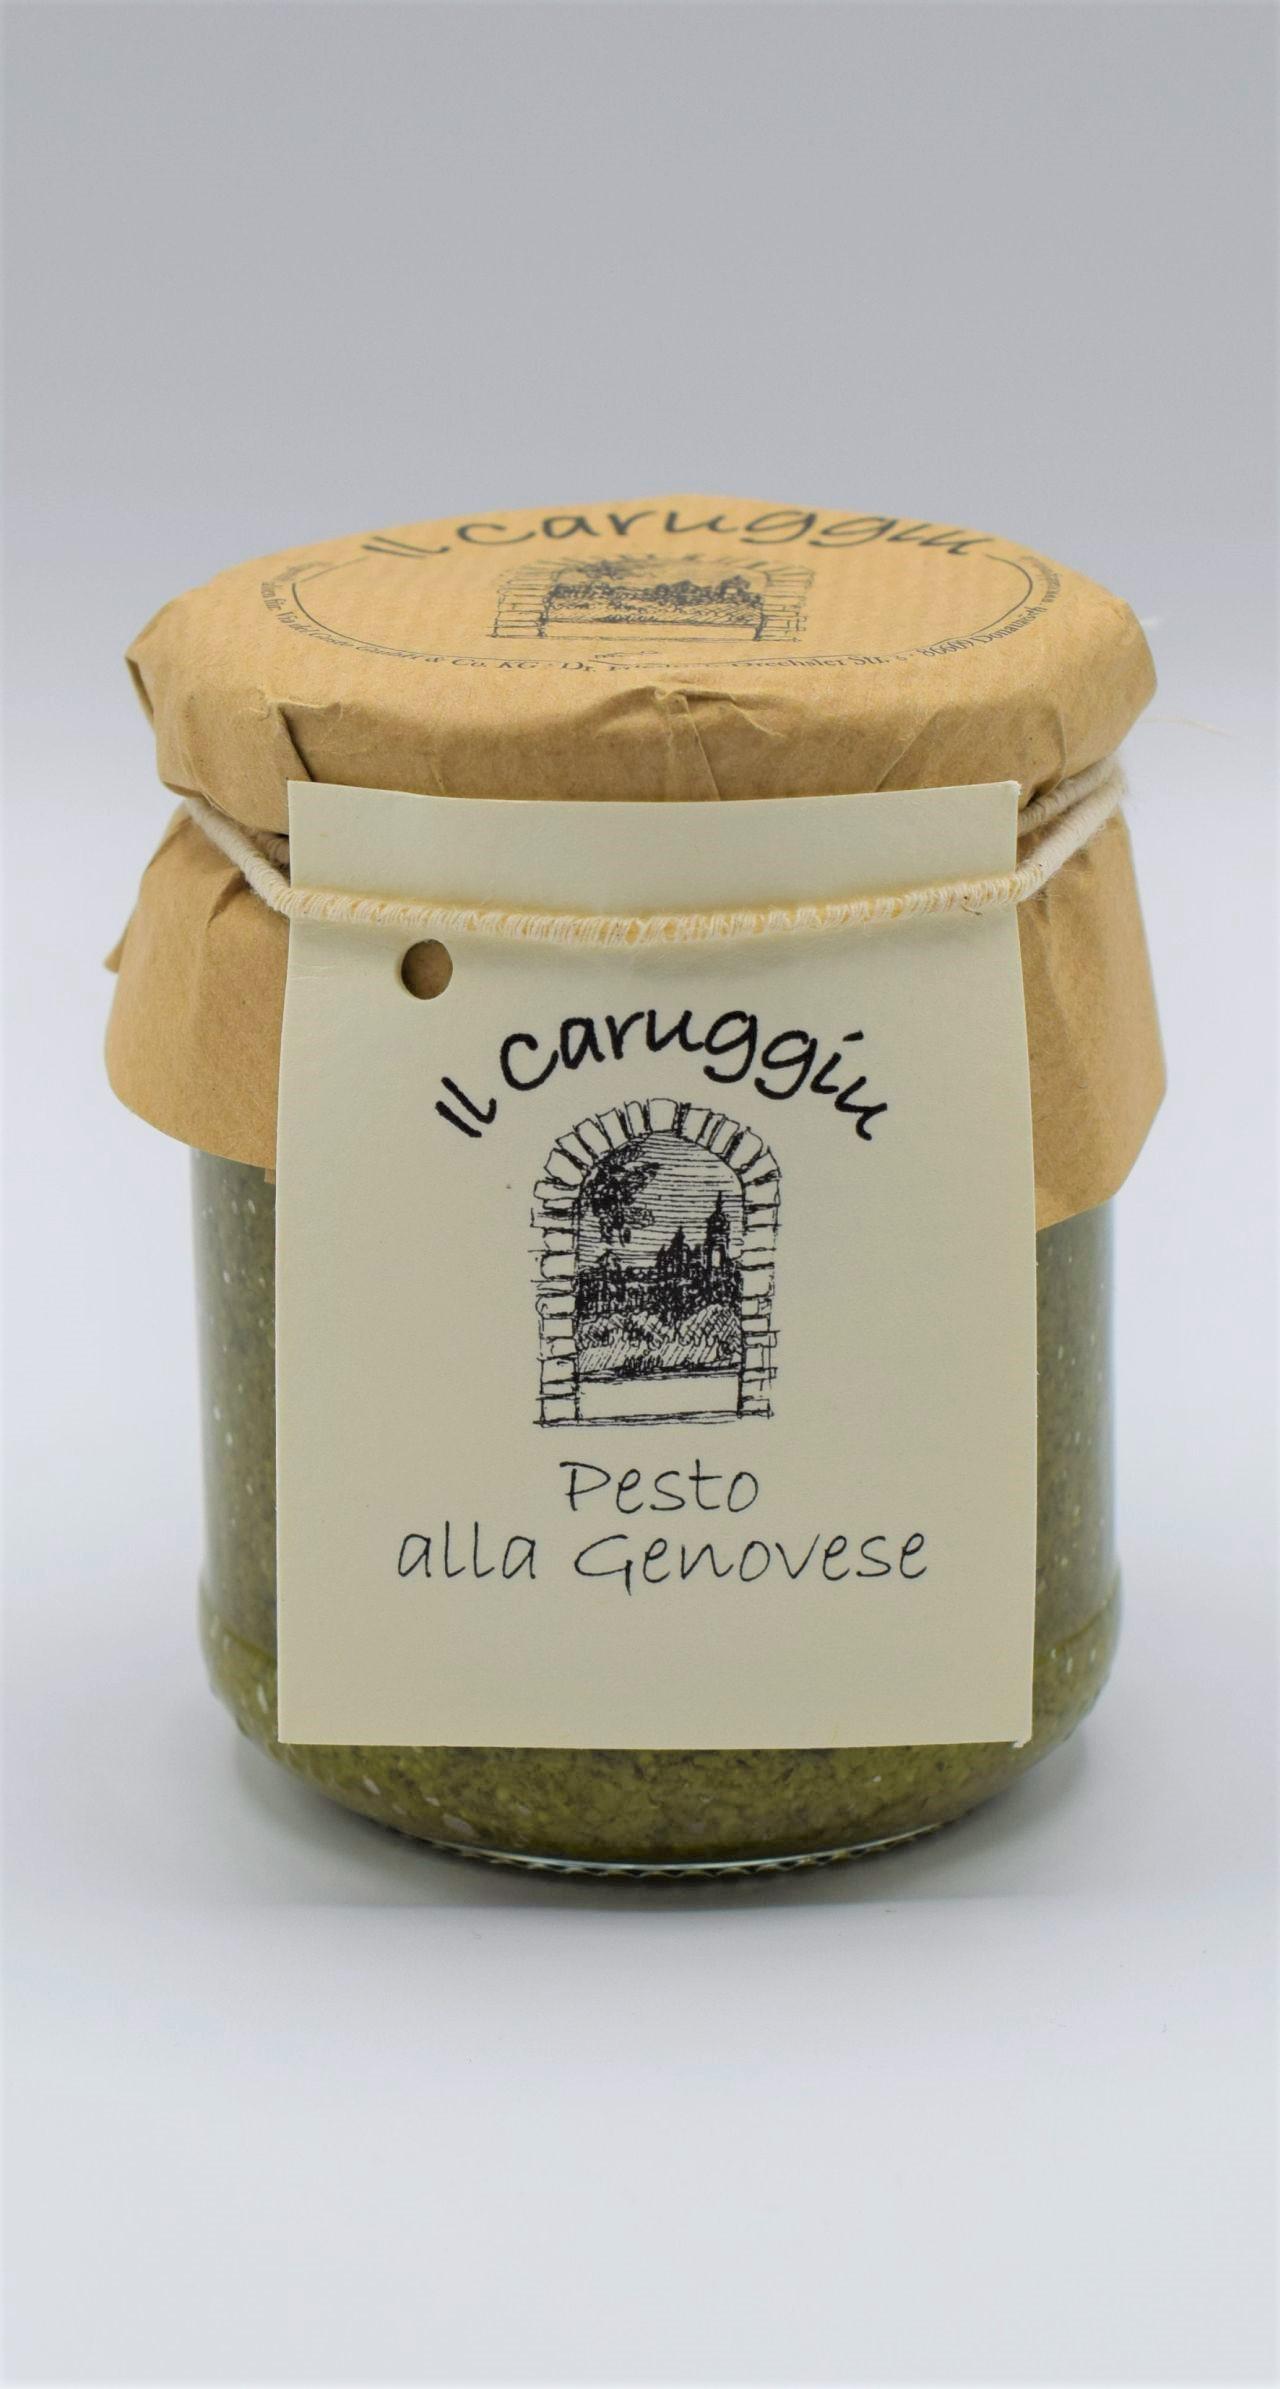 Pesto alla Genovese groß